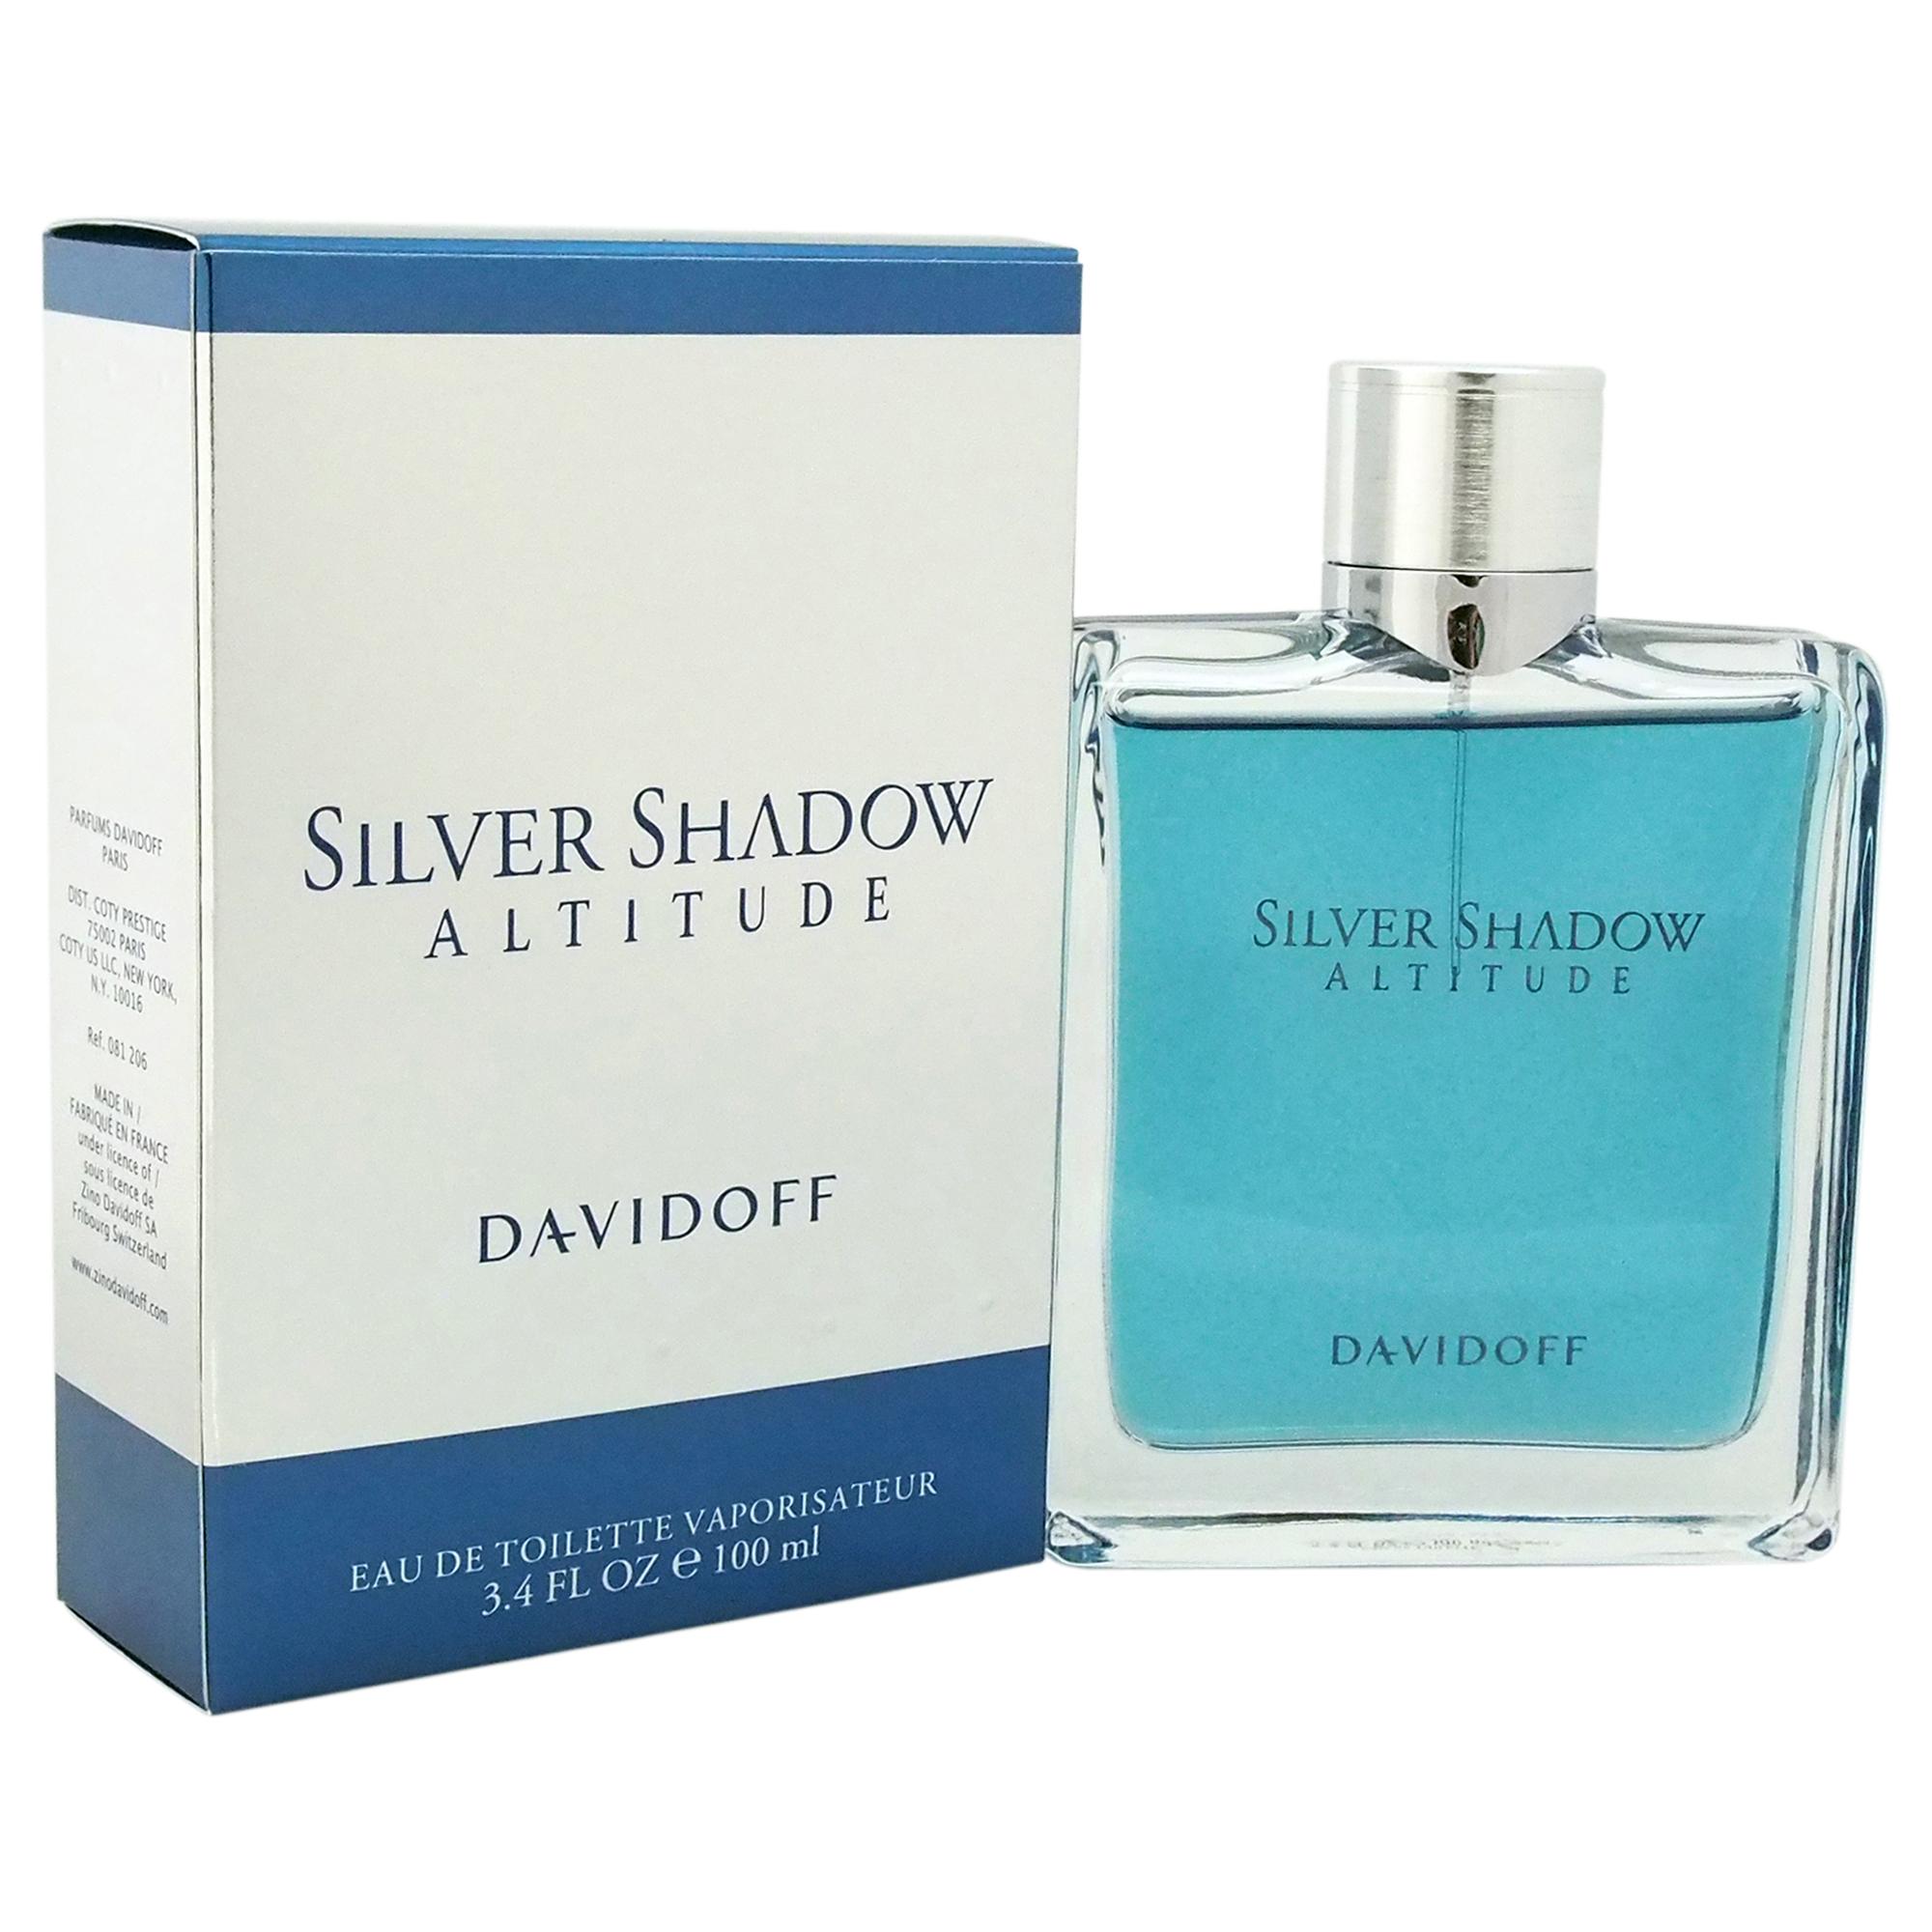 Silver Shadow Altitude By Davidoff 34 Oz Edt Mens Spray Cologne 100